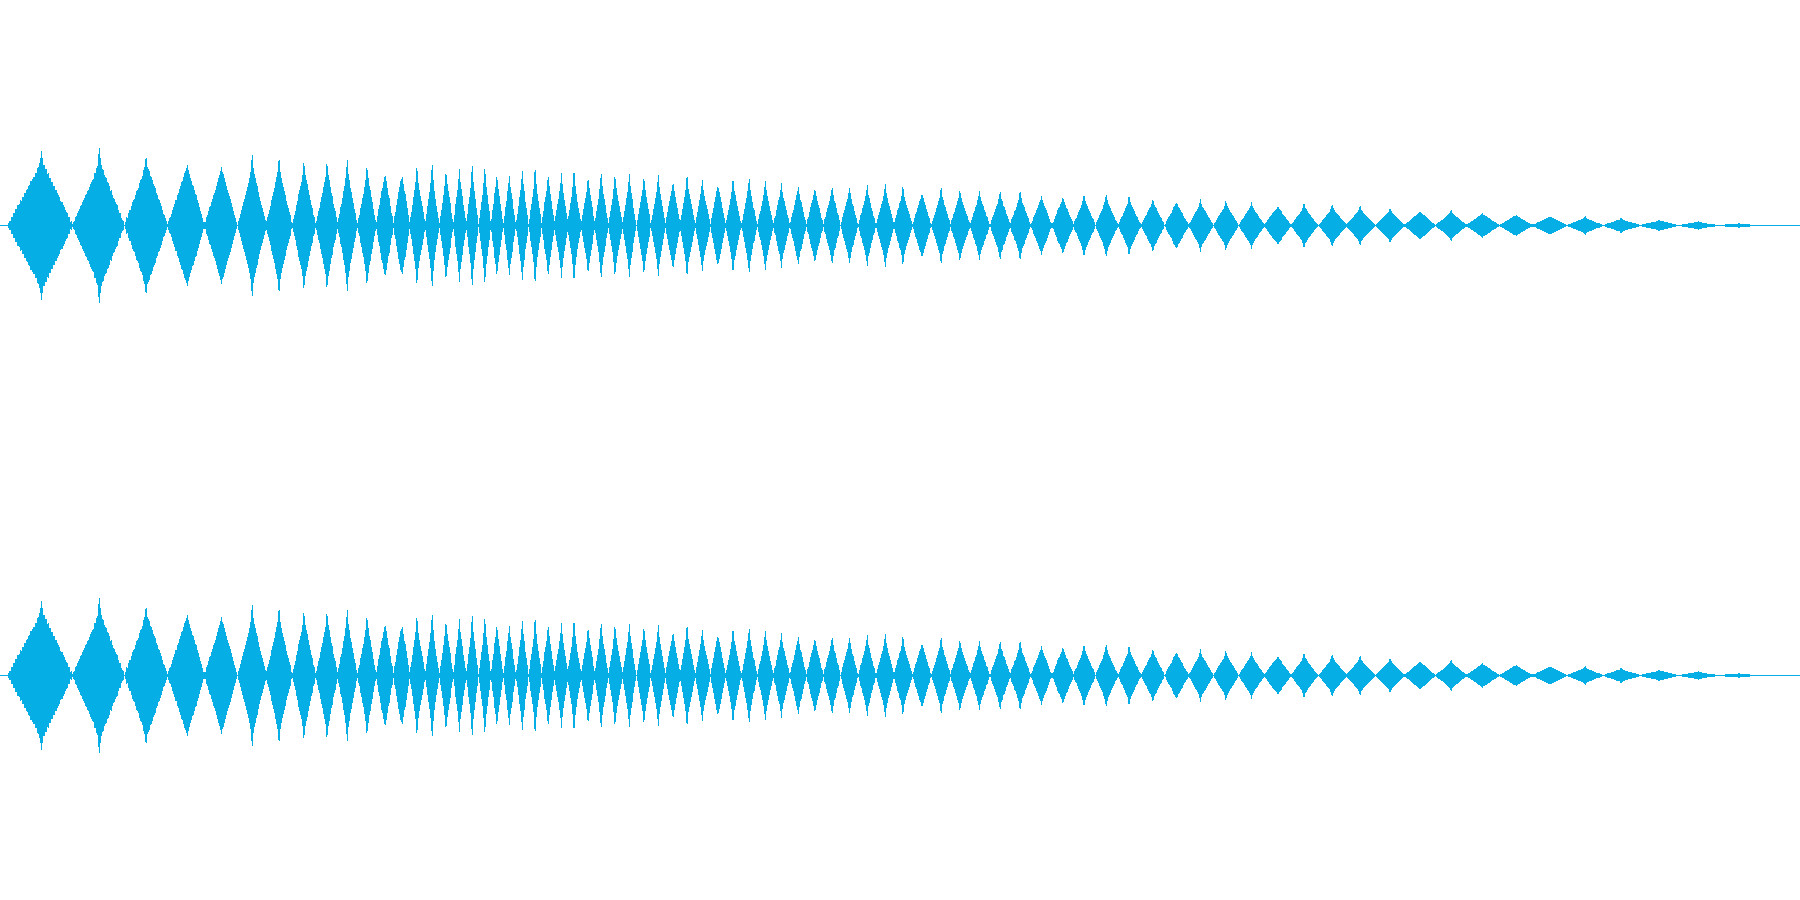 レトロゲーム風ショット音3の再生済みの波形